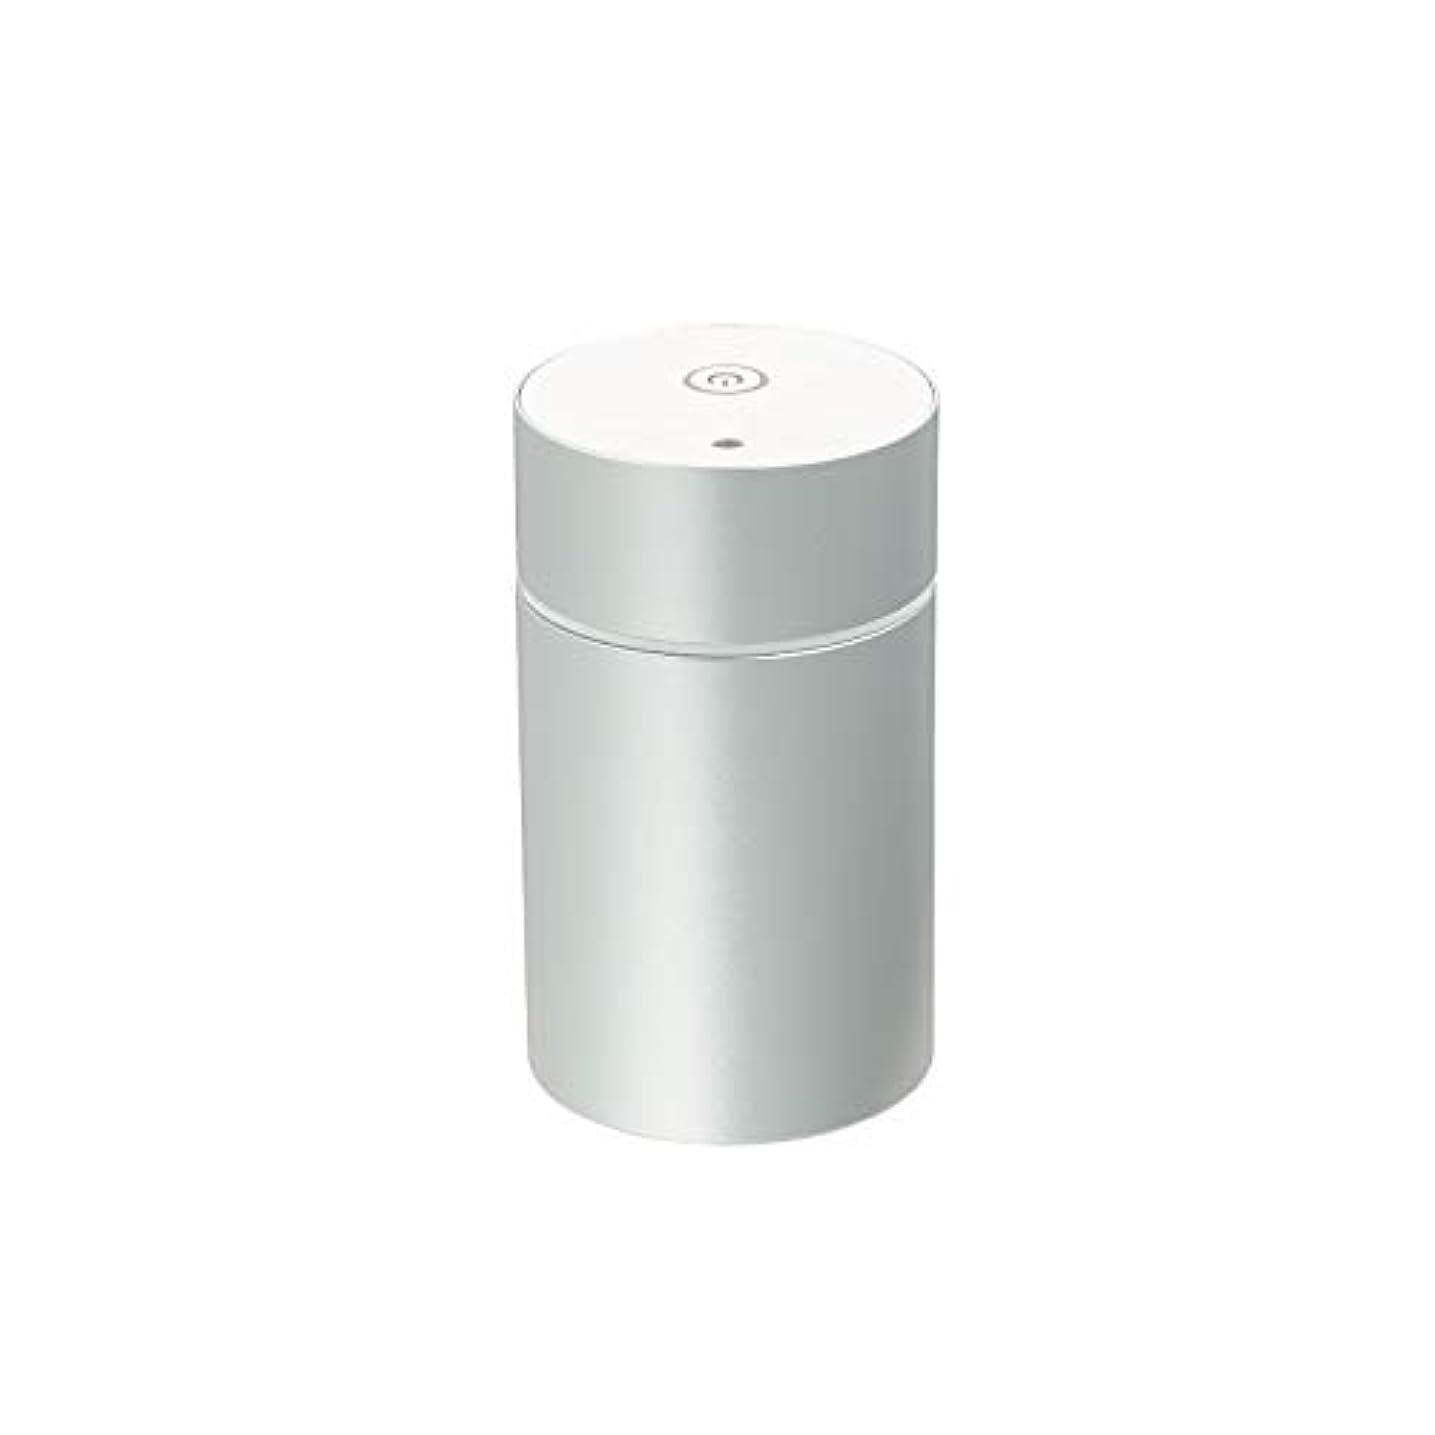 混乱させる電圧唇生活の木 アロマディフューザー(シルバー)aromore mini(アロモアミニ) 08-801-7010